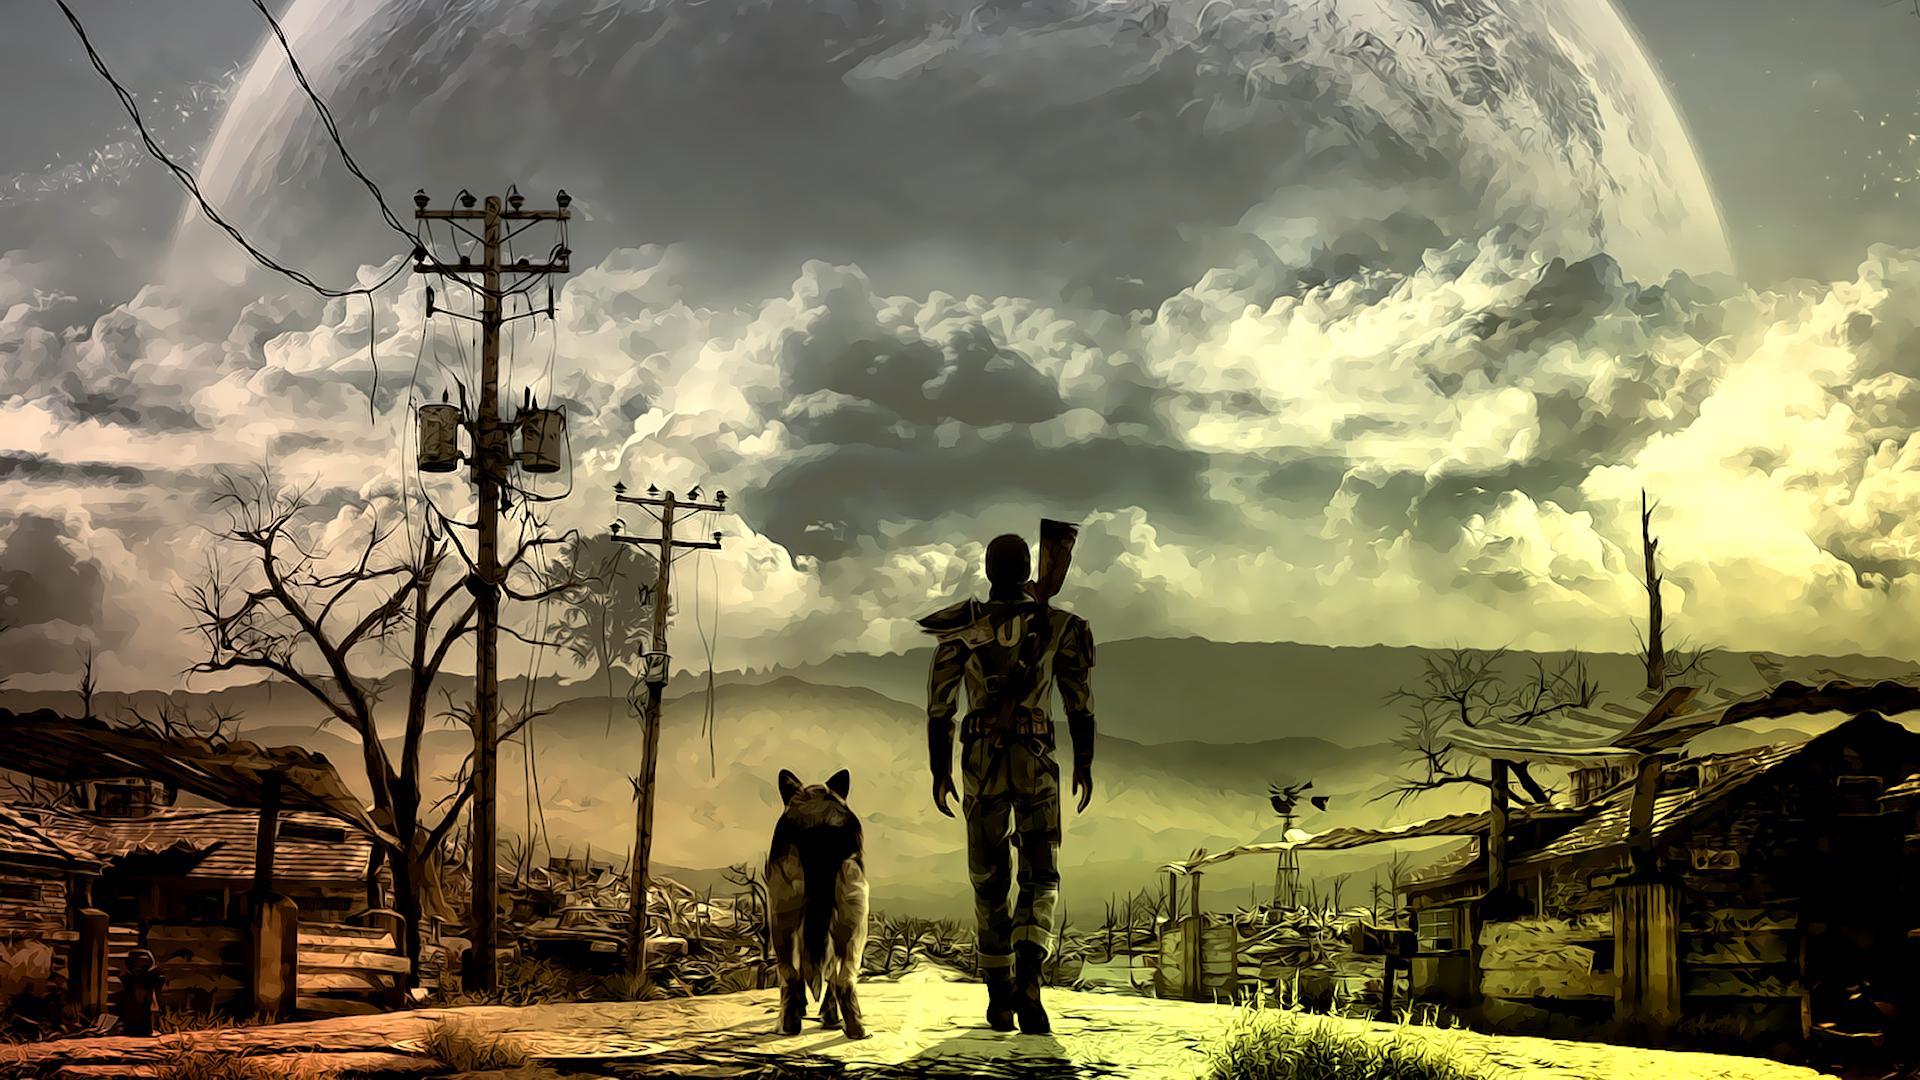 Fallout 41 Moje zdanie o: Fallout 4